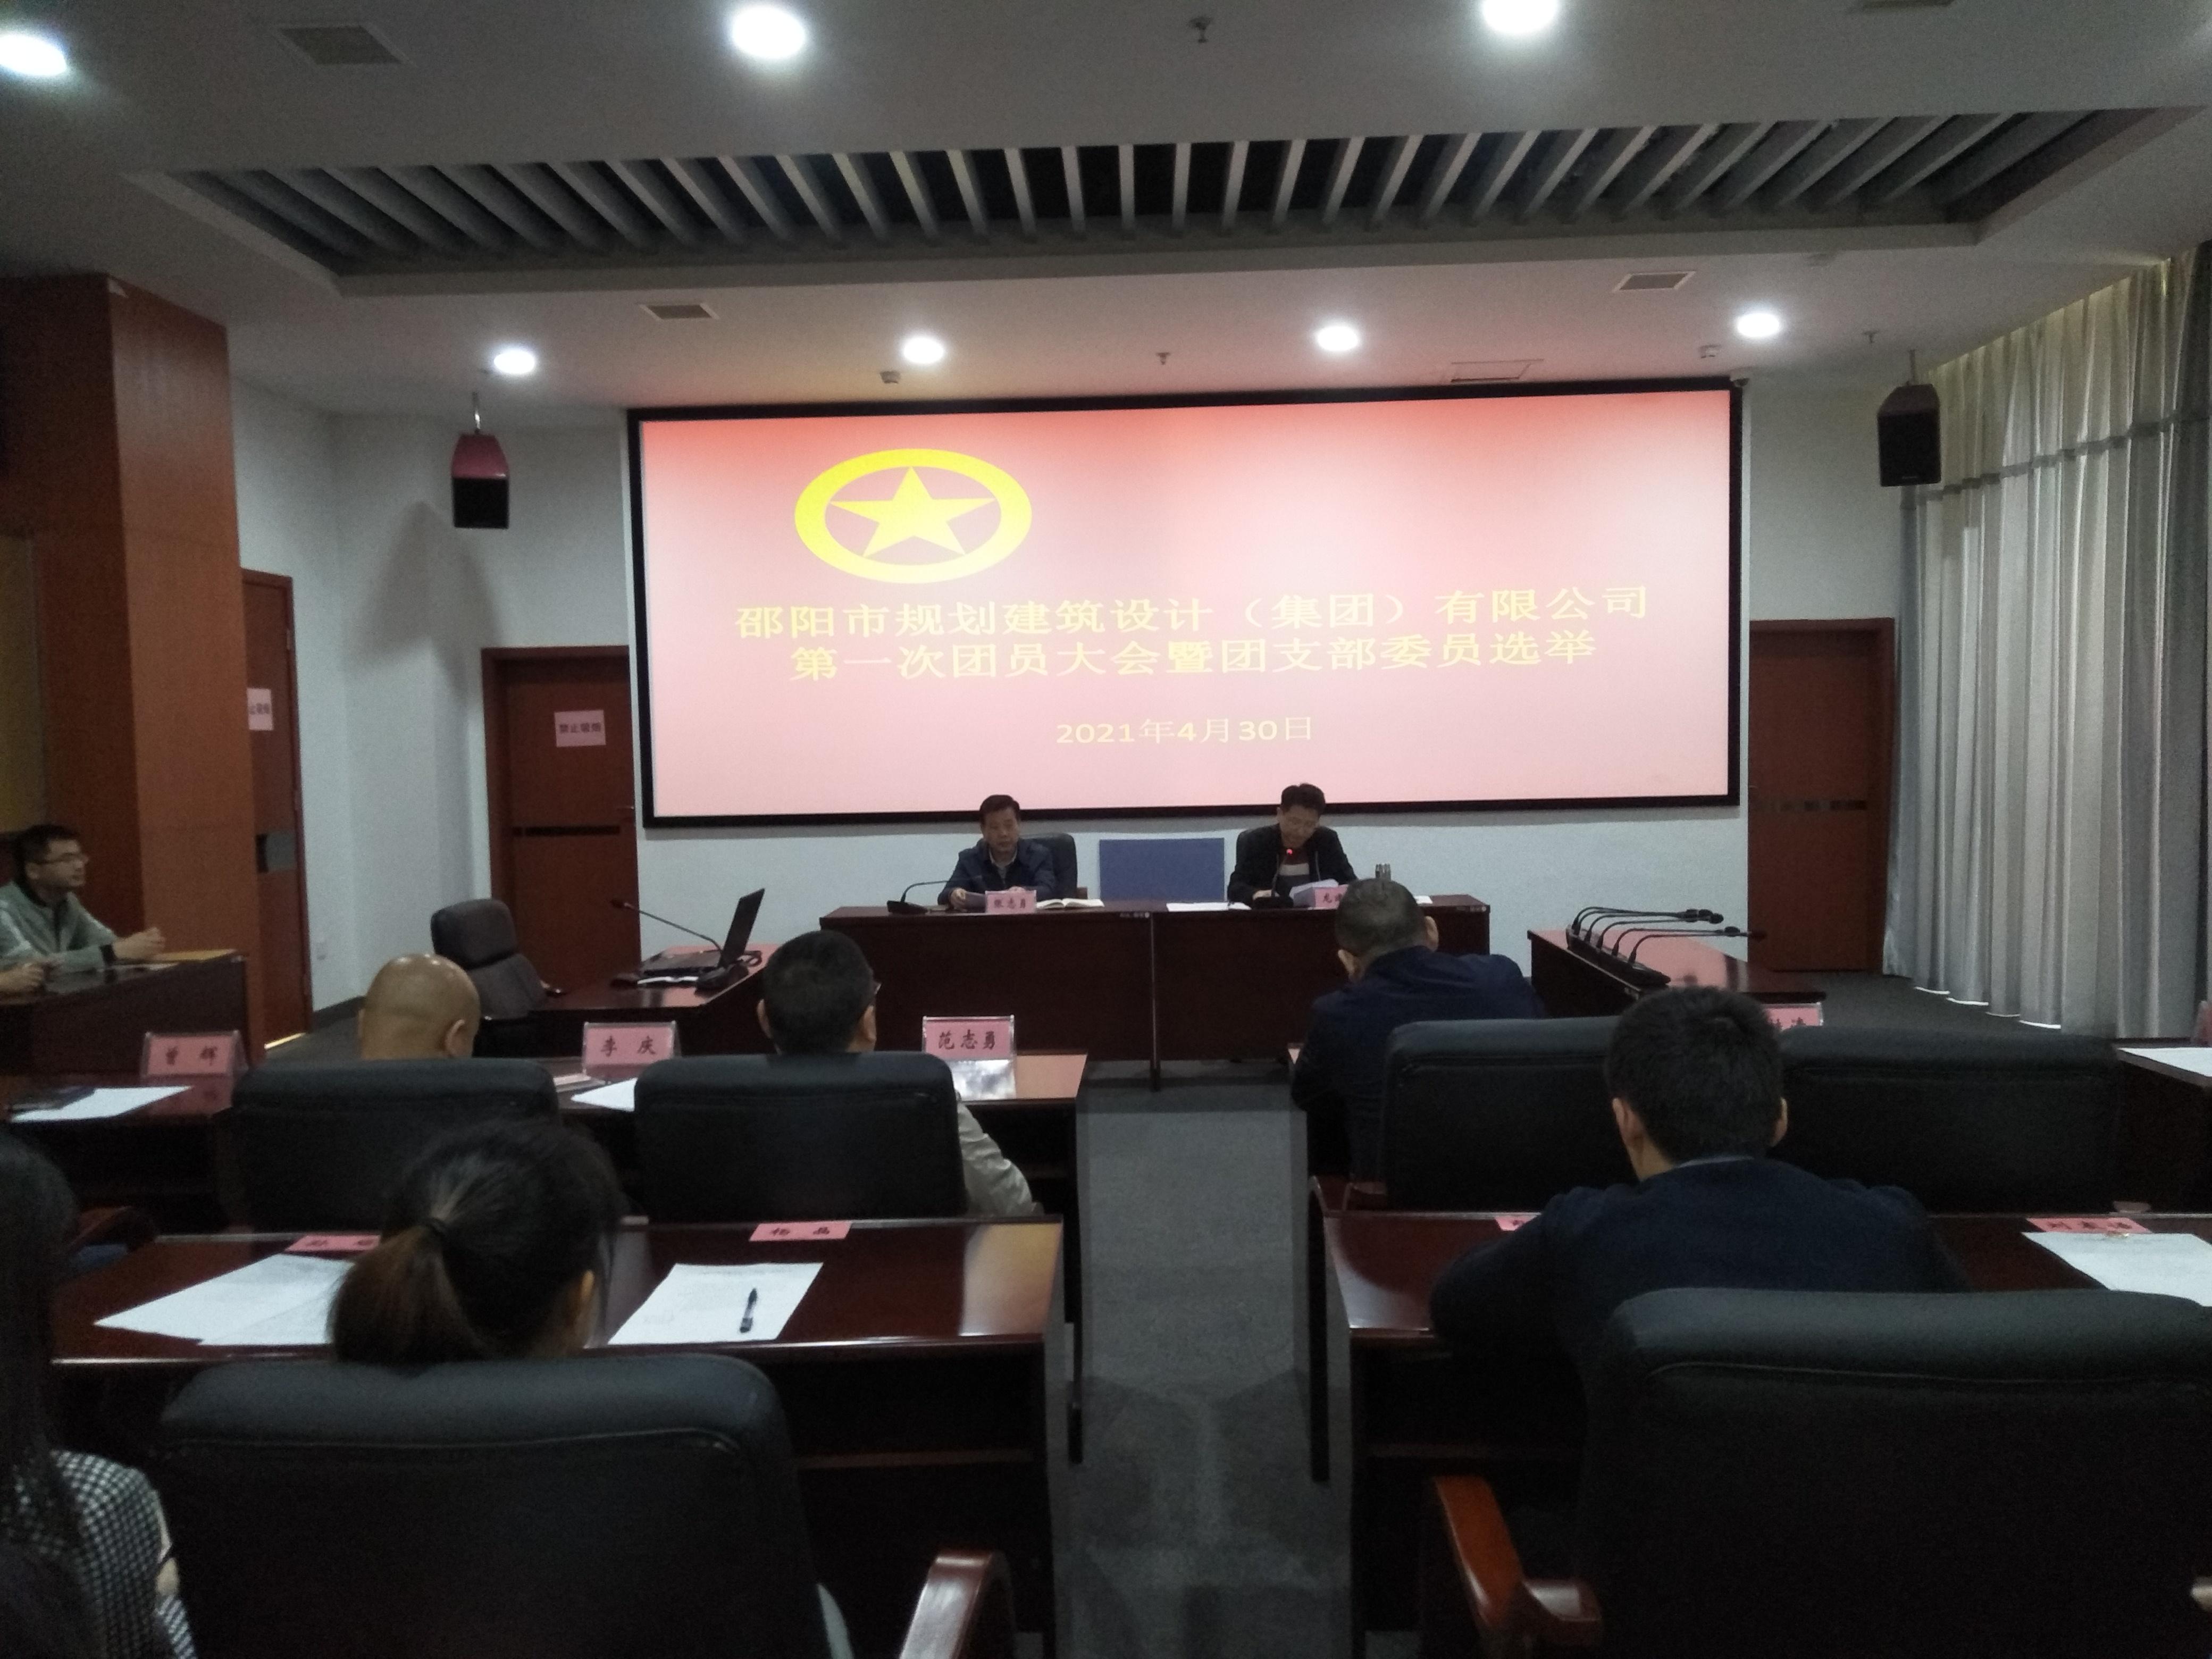 集團公司召開首屆團員大會選舉成立共青團支部